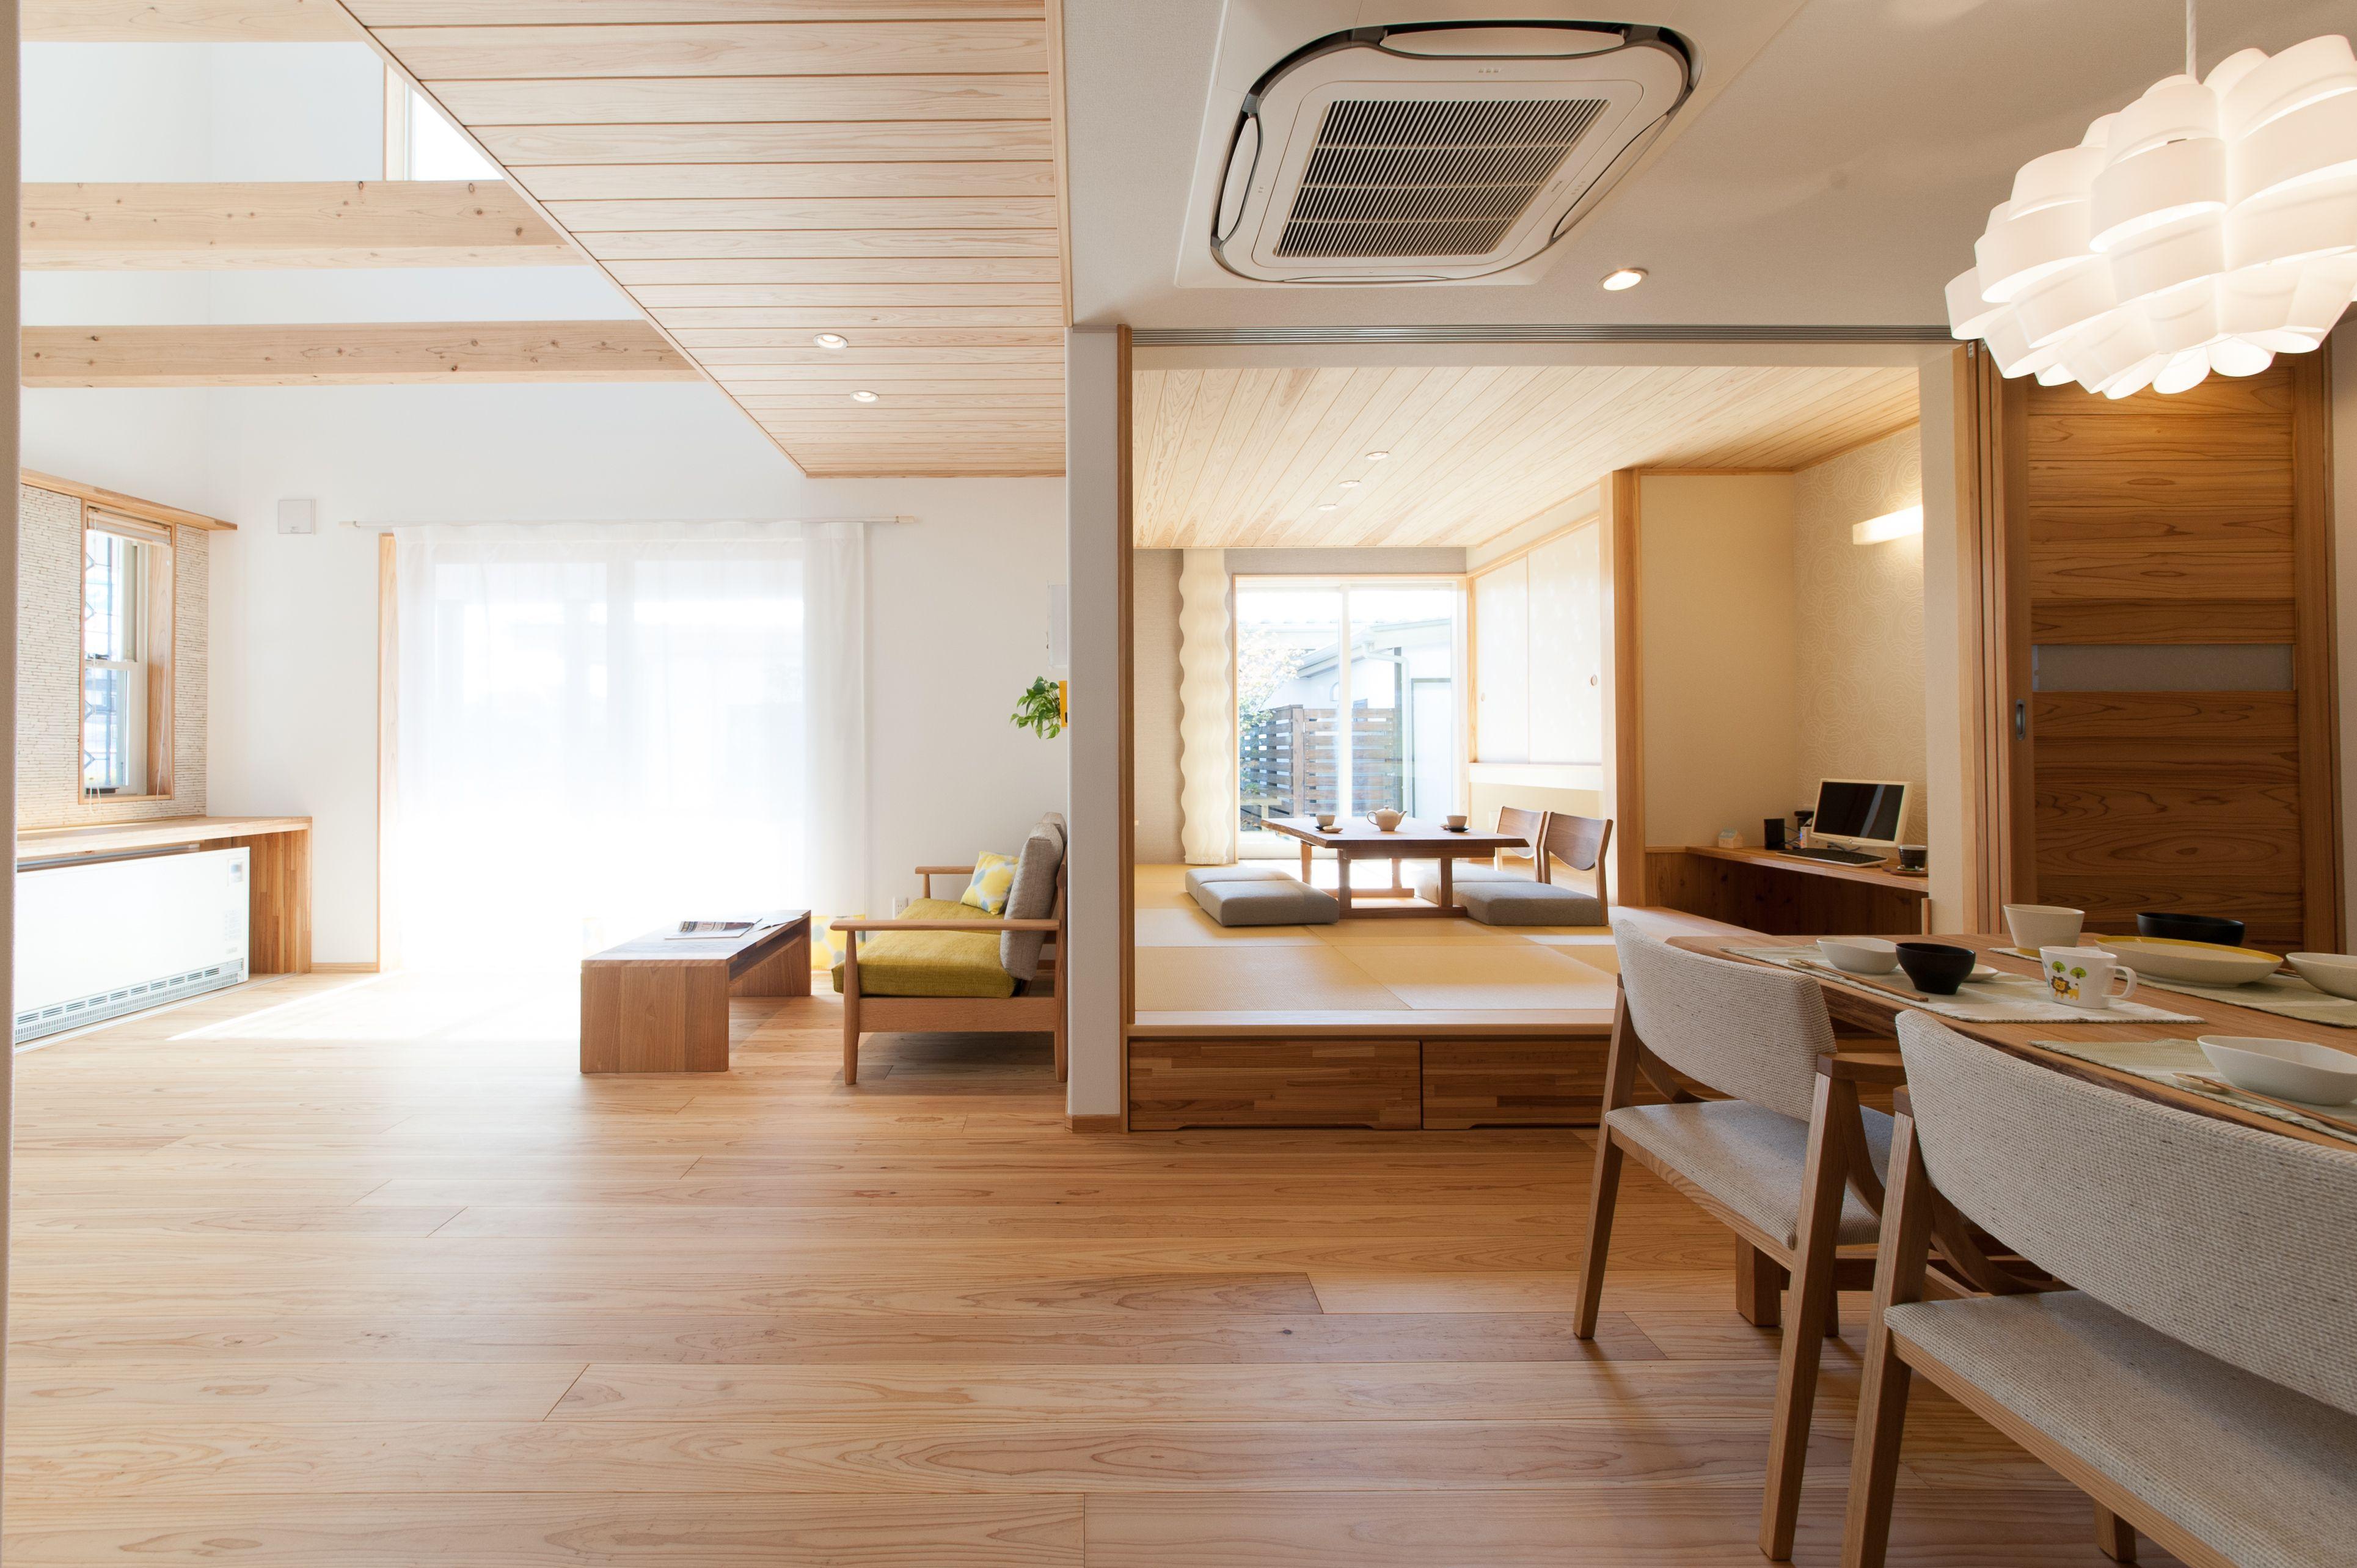 刈谷モデルハウス くるみ すまいるガーデン 注文住宅を愛知で建てる